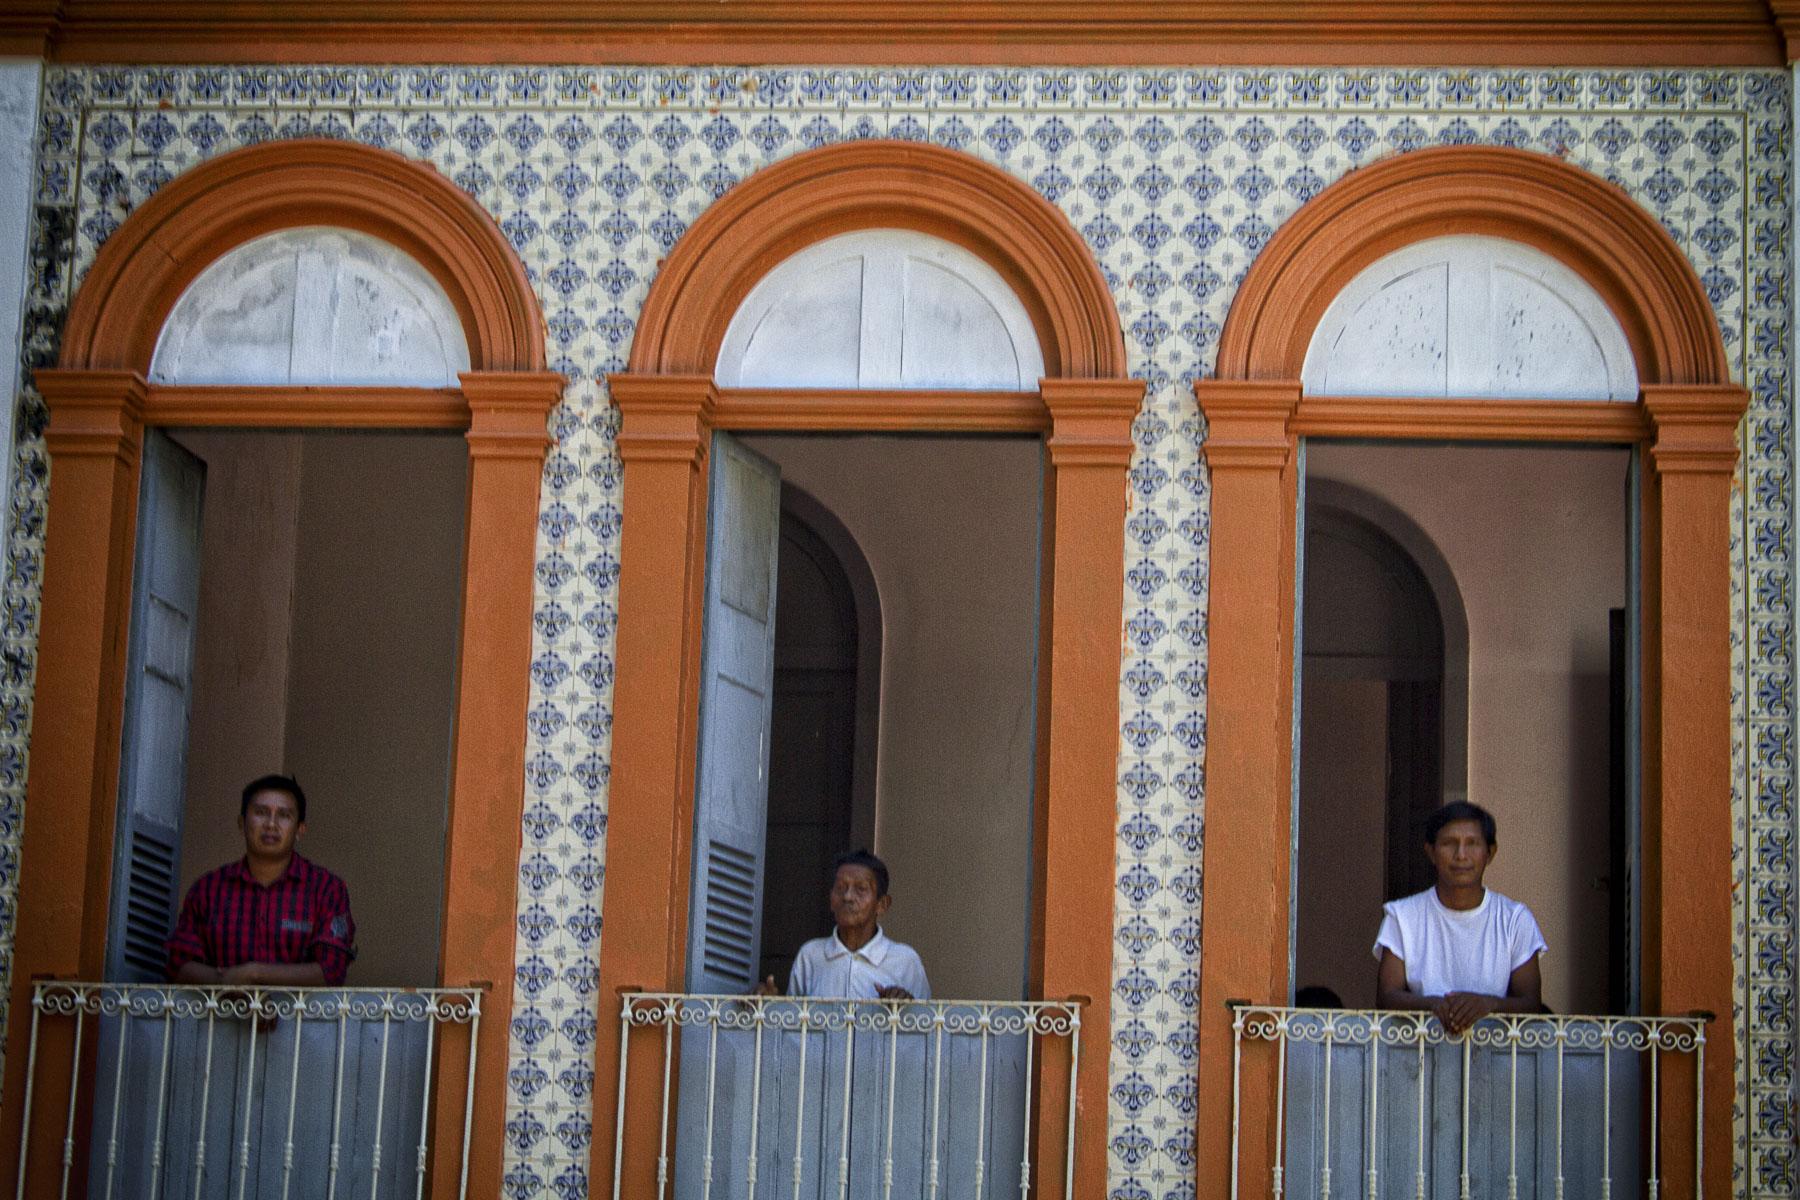 Centro de Medicina Indígena funciona em um casarão centenário no Marco Zero de Manaus: maioria de pacientes não indígena (Foto: Alberto César Araújo/Amazônia Real)